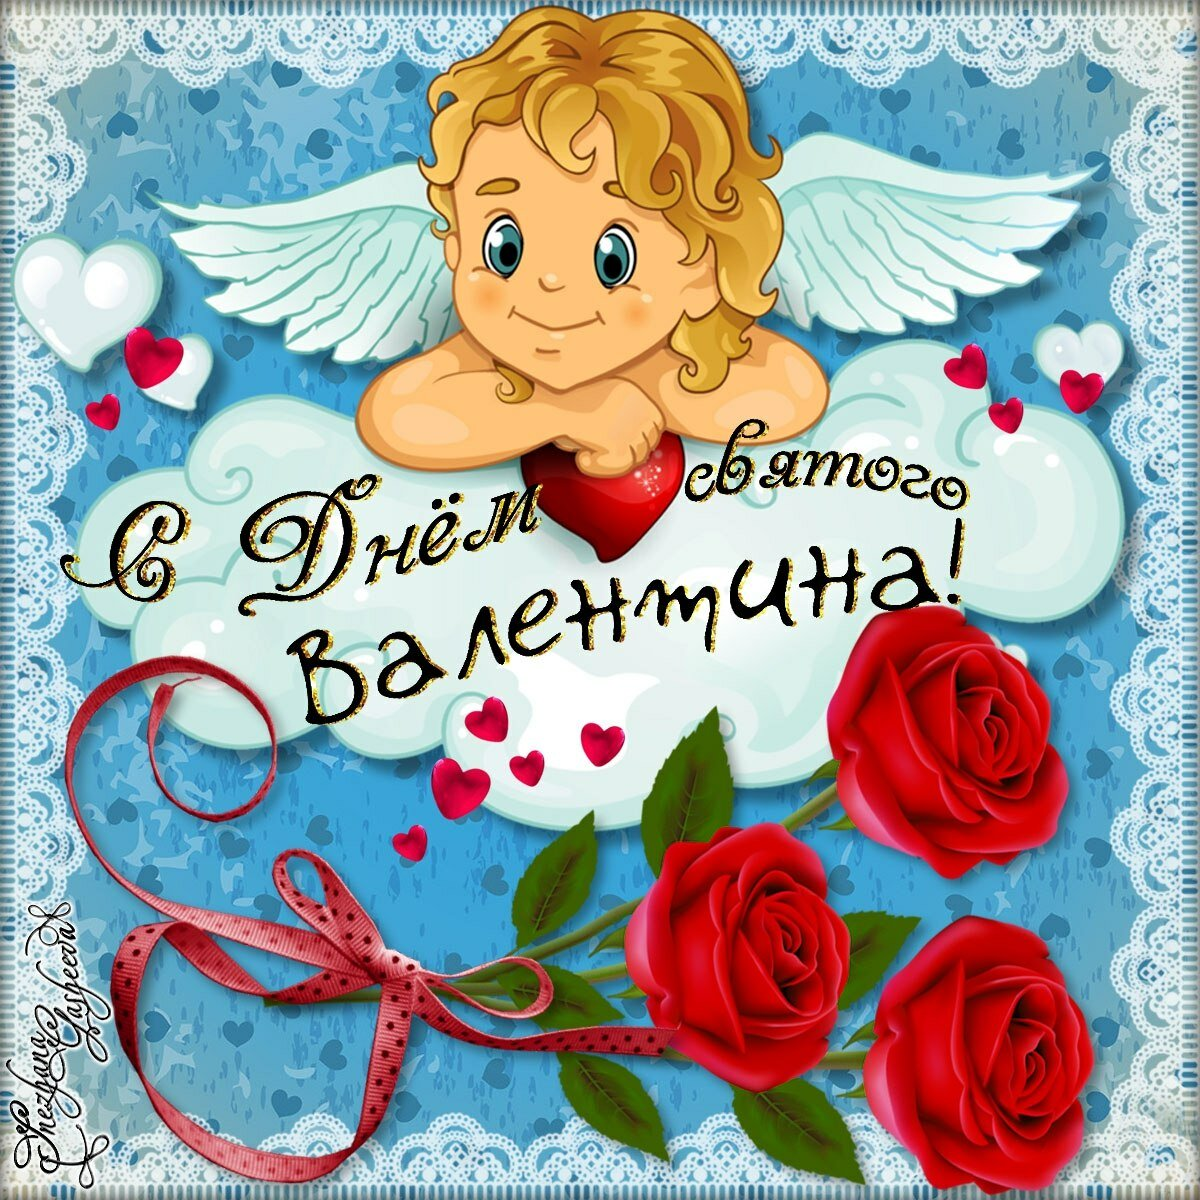 Картинки красивые с днем святого валентина, поздравление